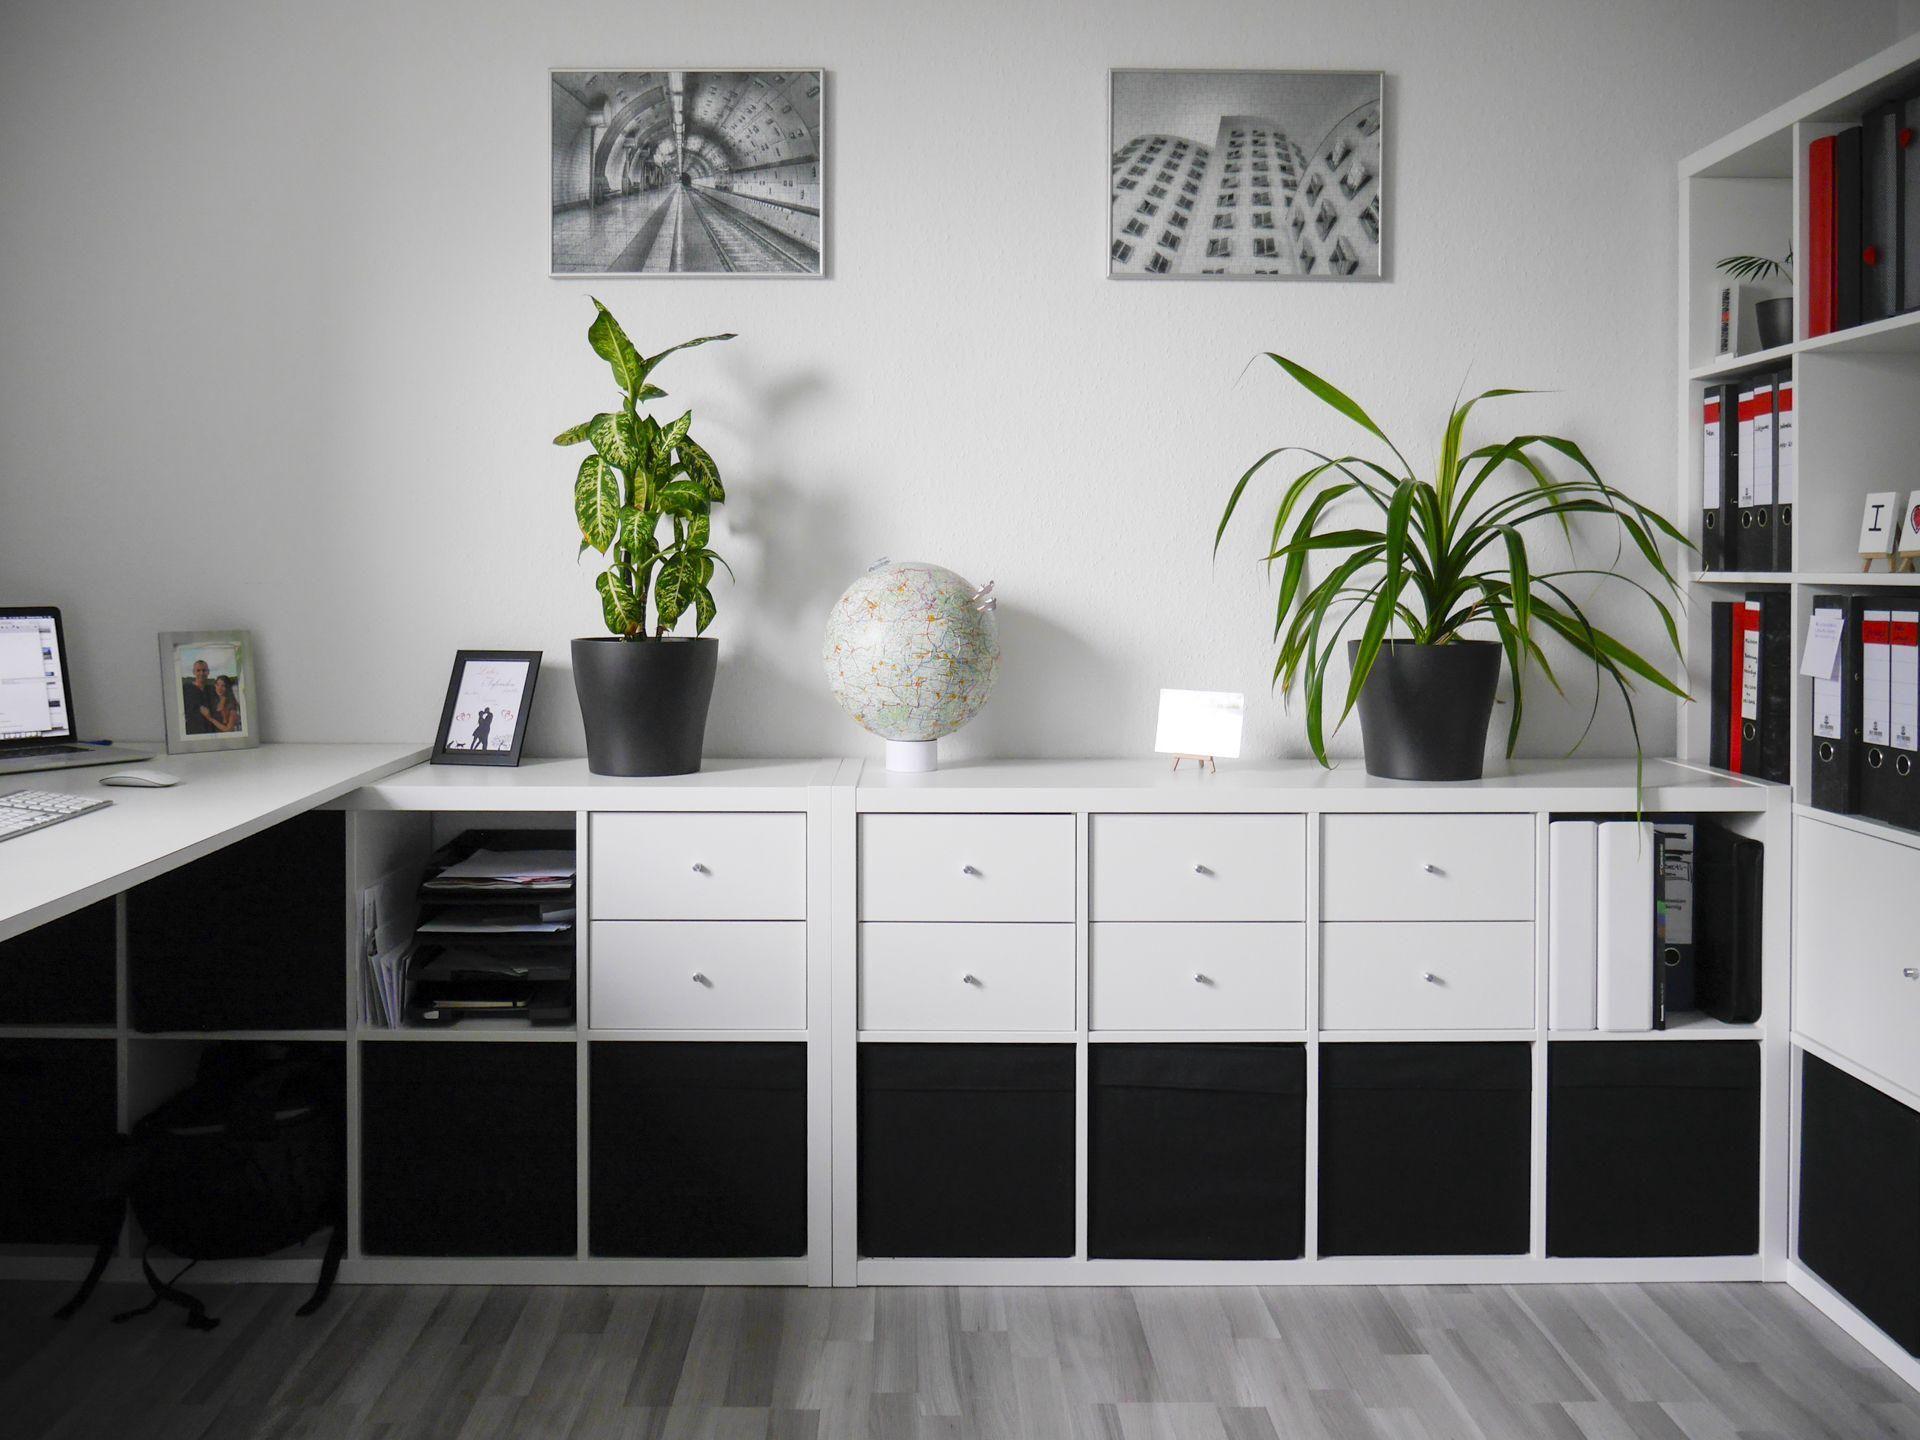 Arbeitszimmer Einrichten Fabelhafte Design Tipps Und Ideen Fa 1 4 R Kleine Und Groae Arbei Buro Eingerichtet Arbeitszimmer Einrichten Gestaltung Kleiner Raume